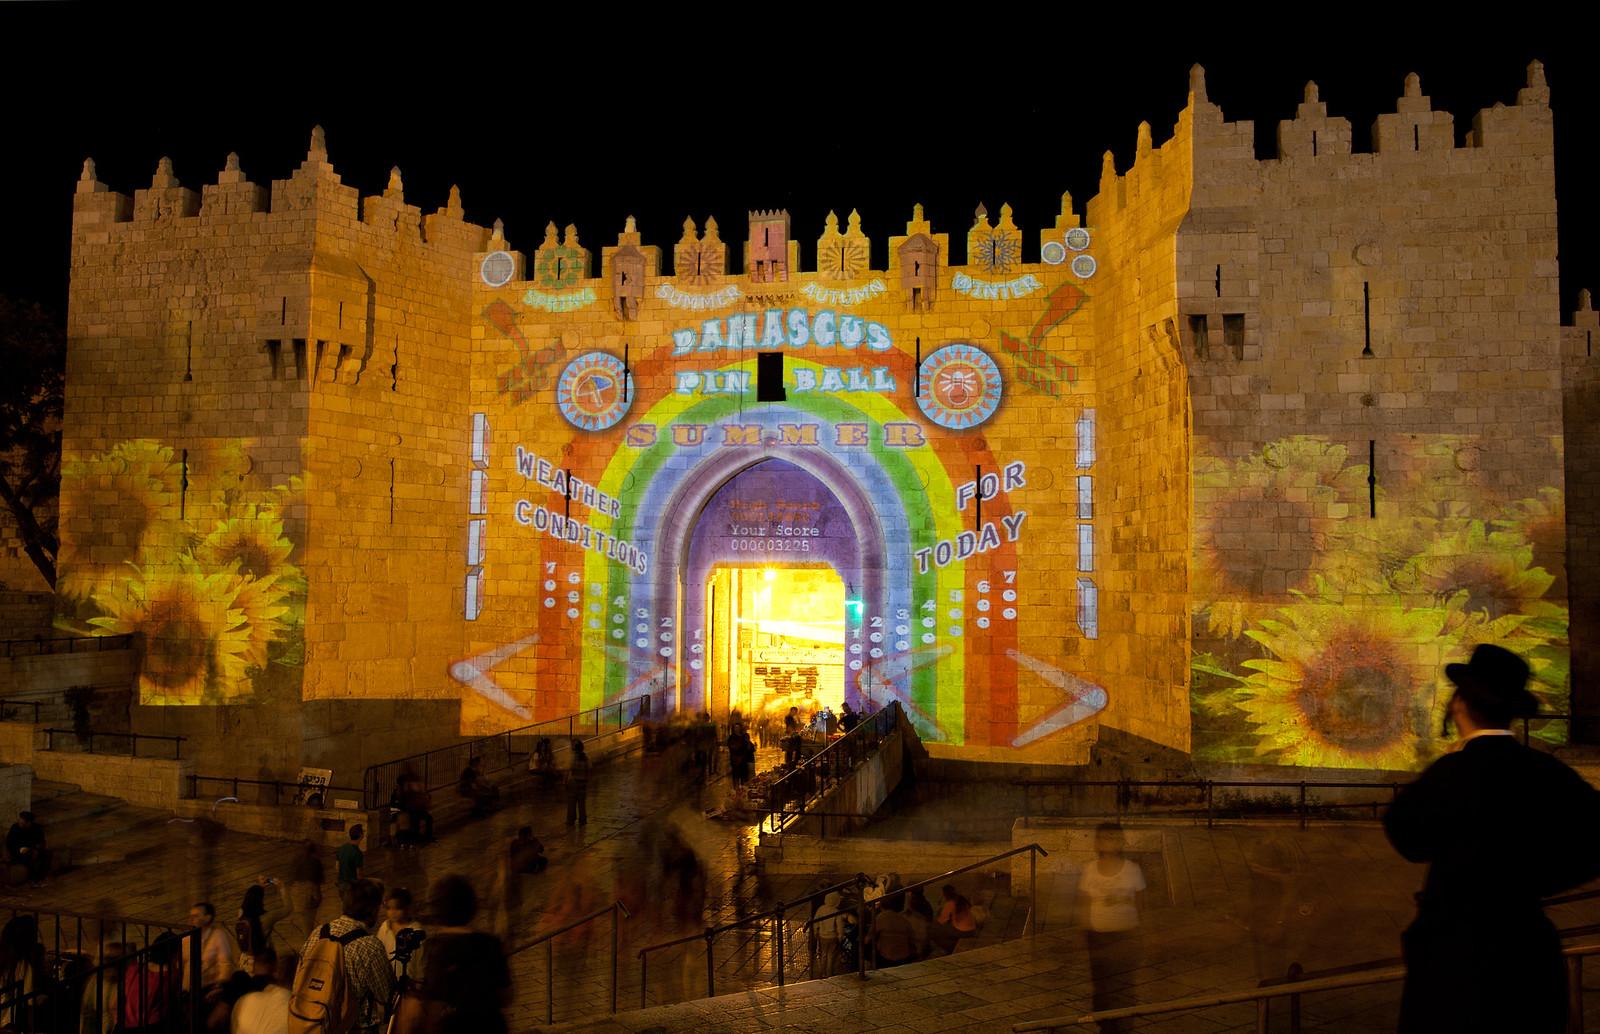 Jerusalem_Festival of Light_Old  City_4_Noam Chen_IMOT